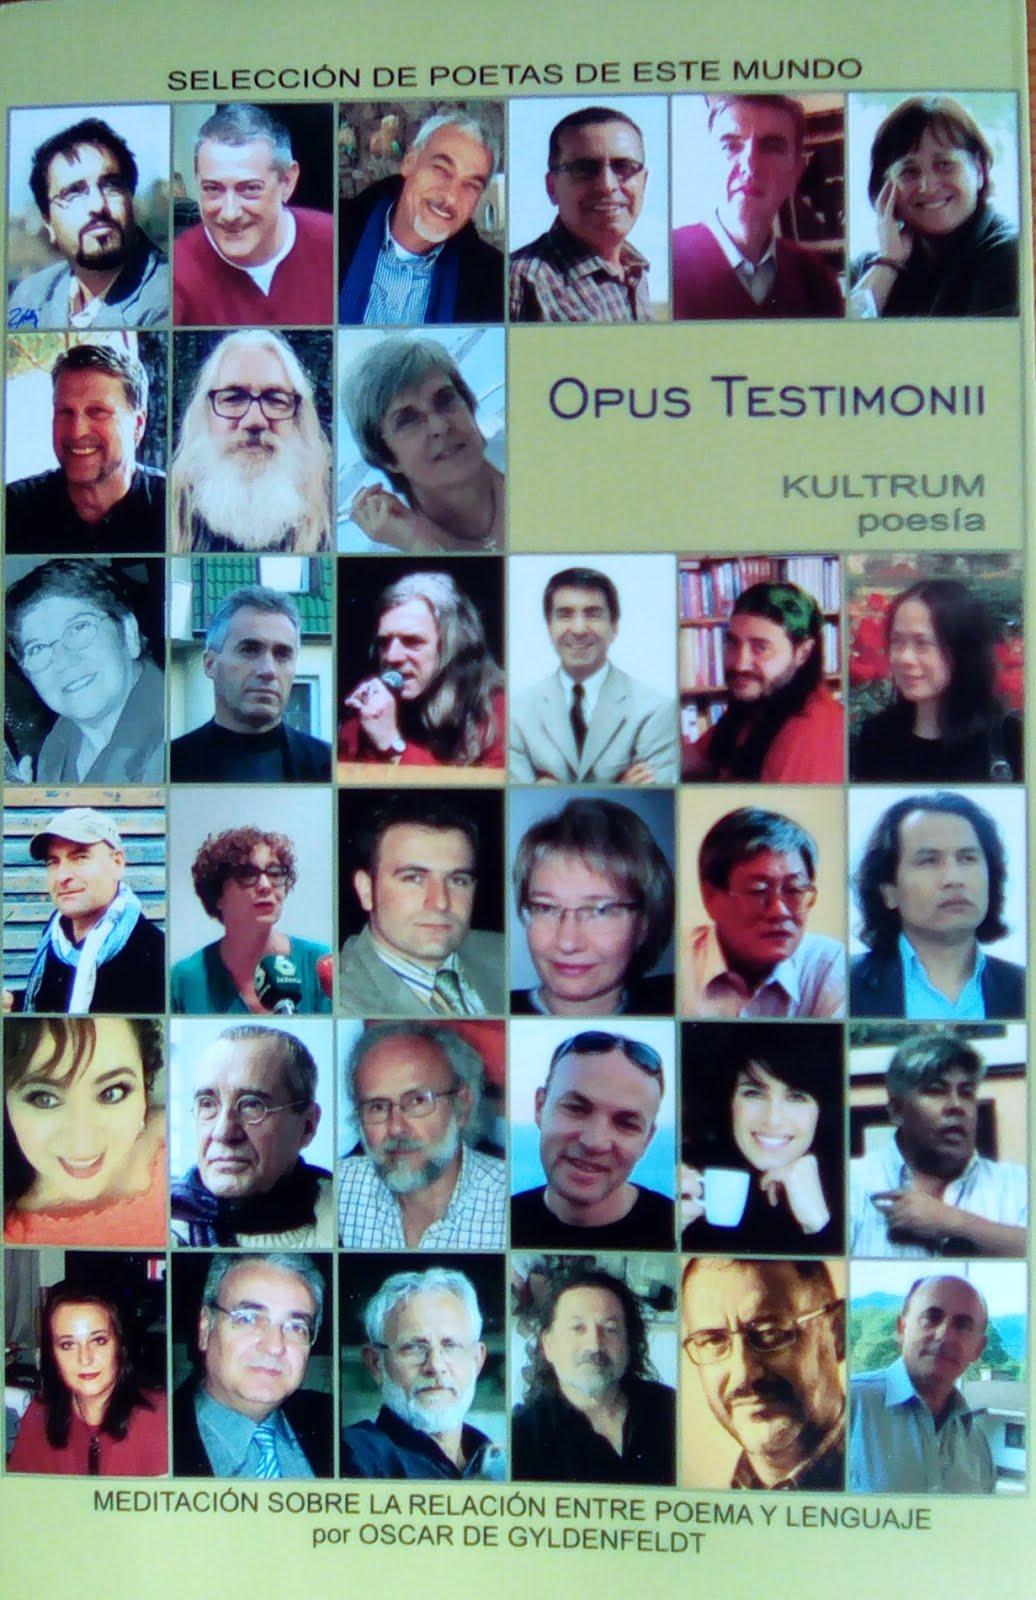 Opus Testimonii